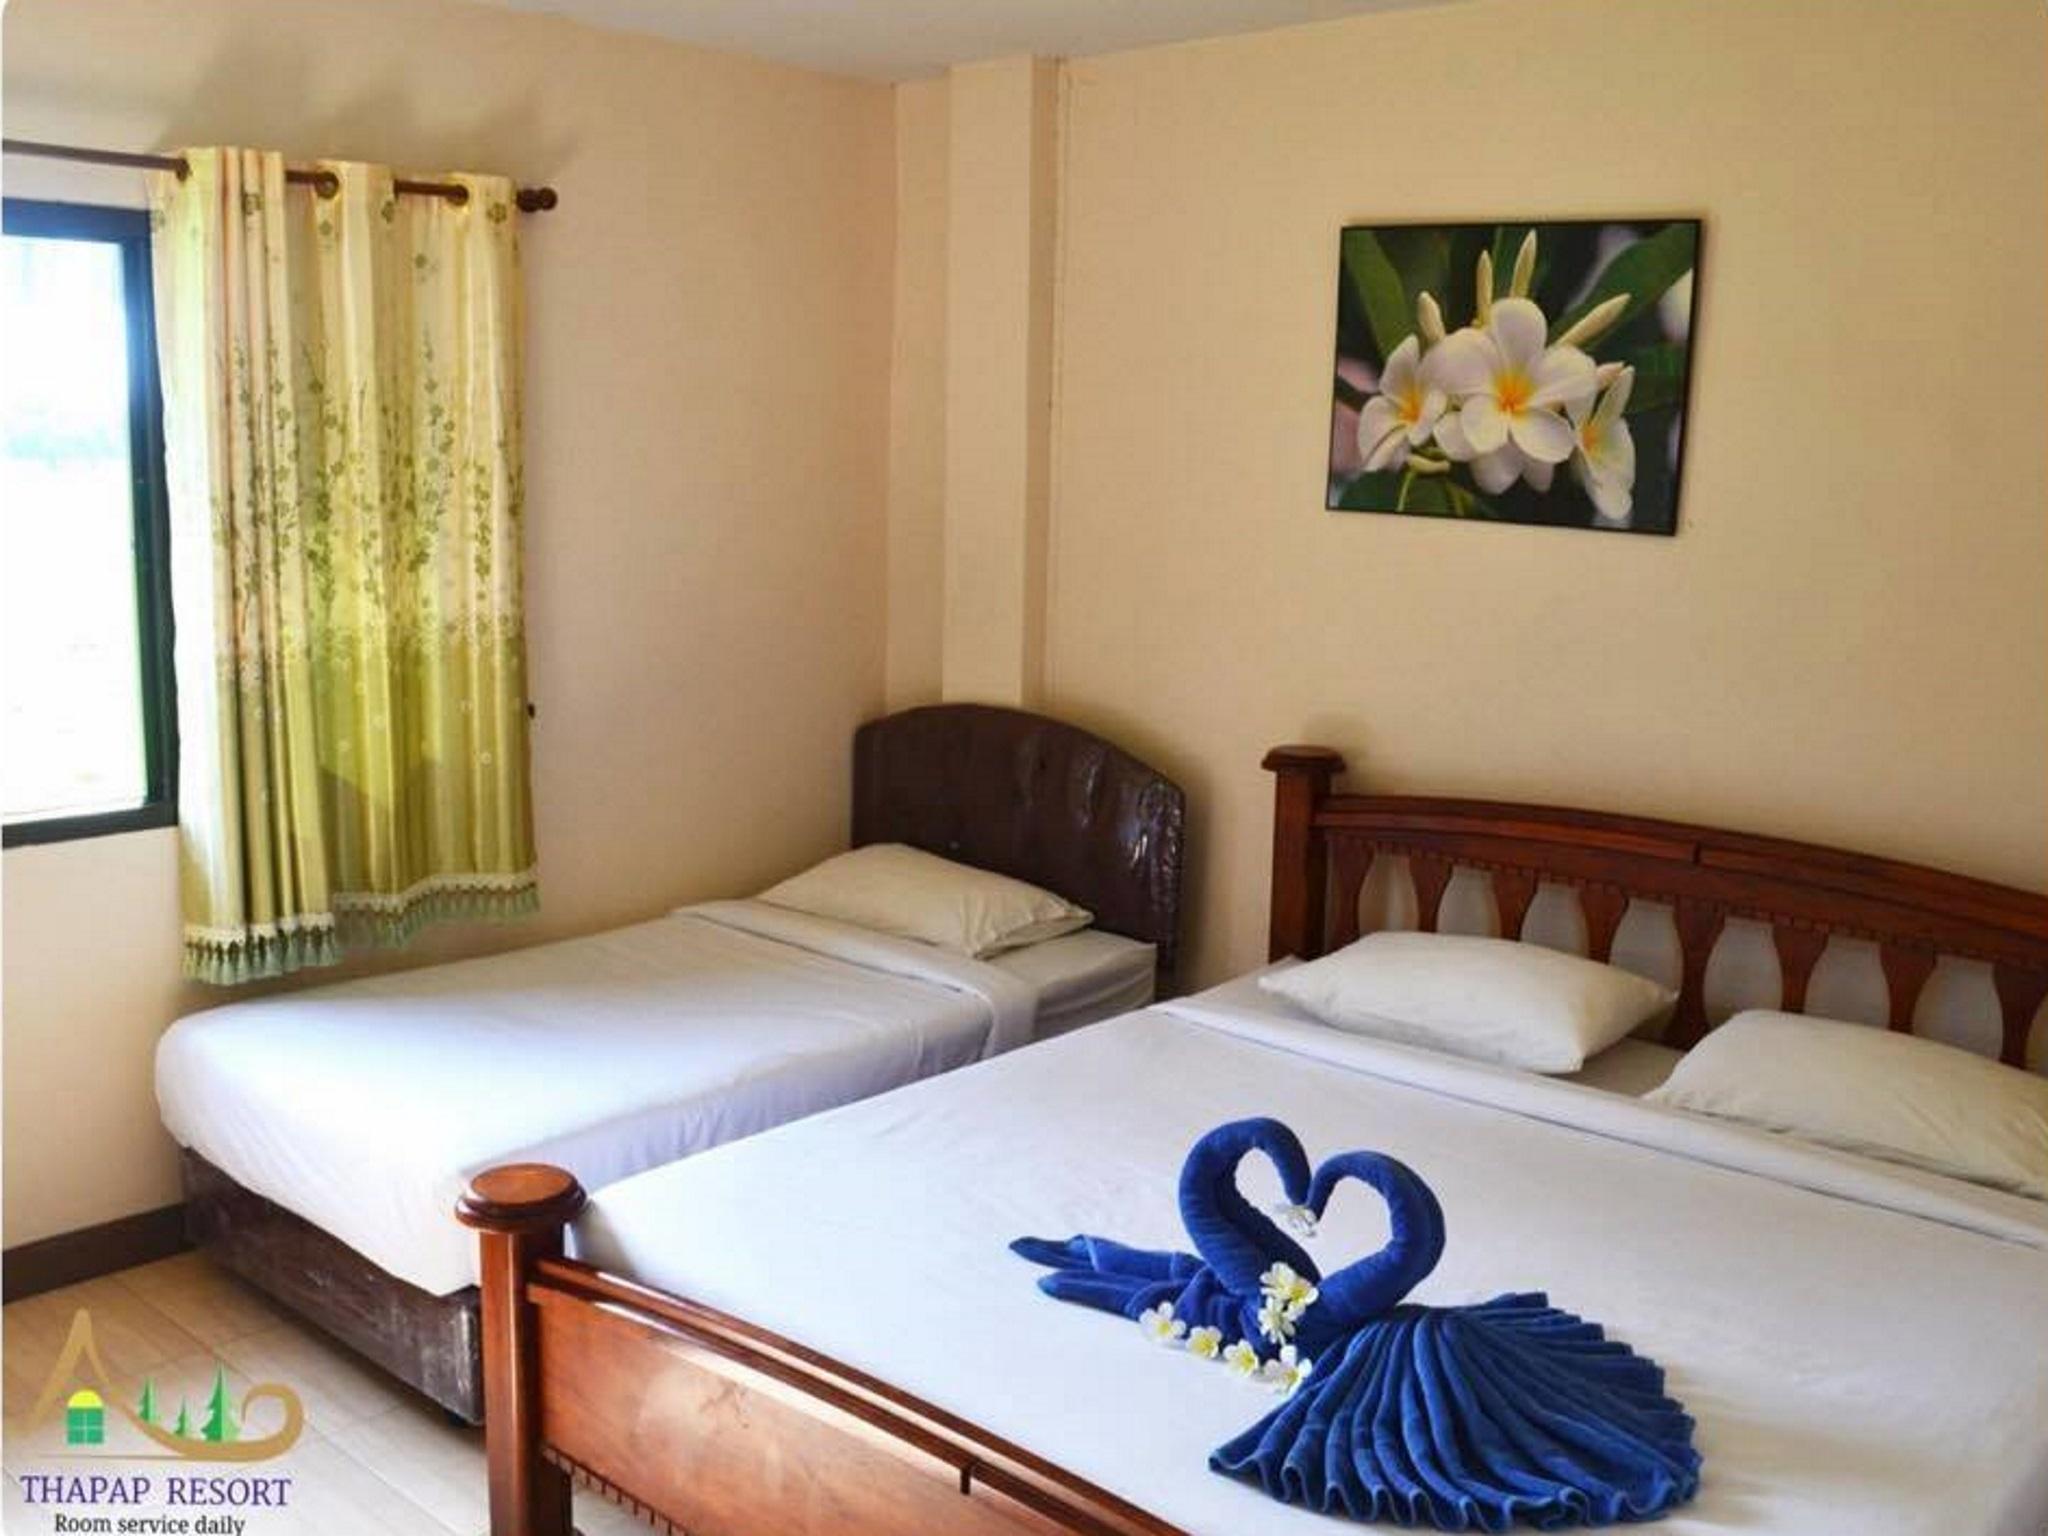 Tha-Pap Resort,ท่าปาบ รีสอร์ท